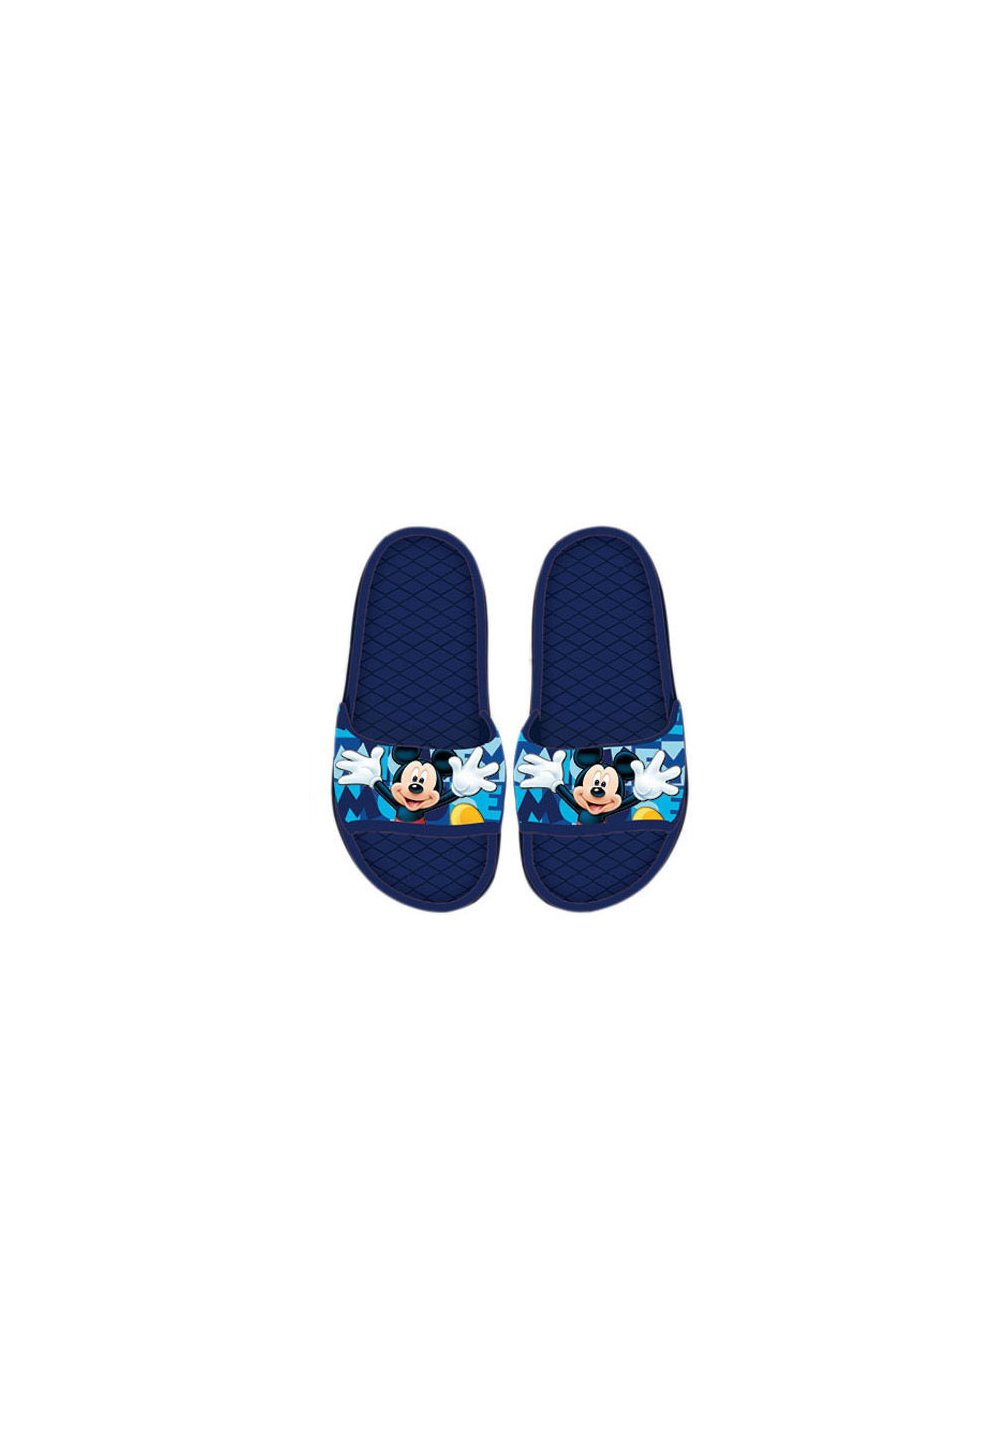 Slapi bluemarin, Mickey Mouse